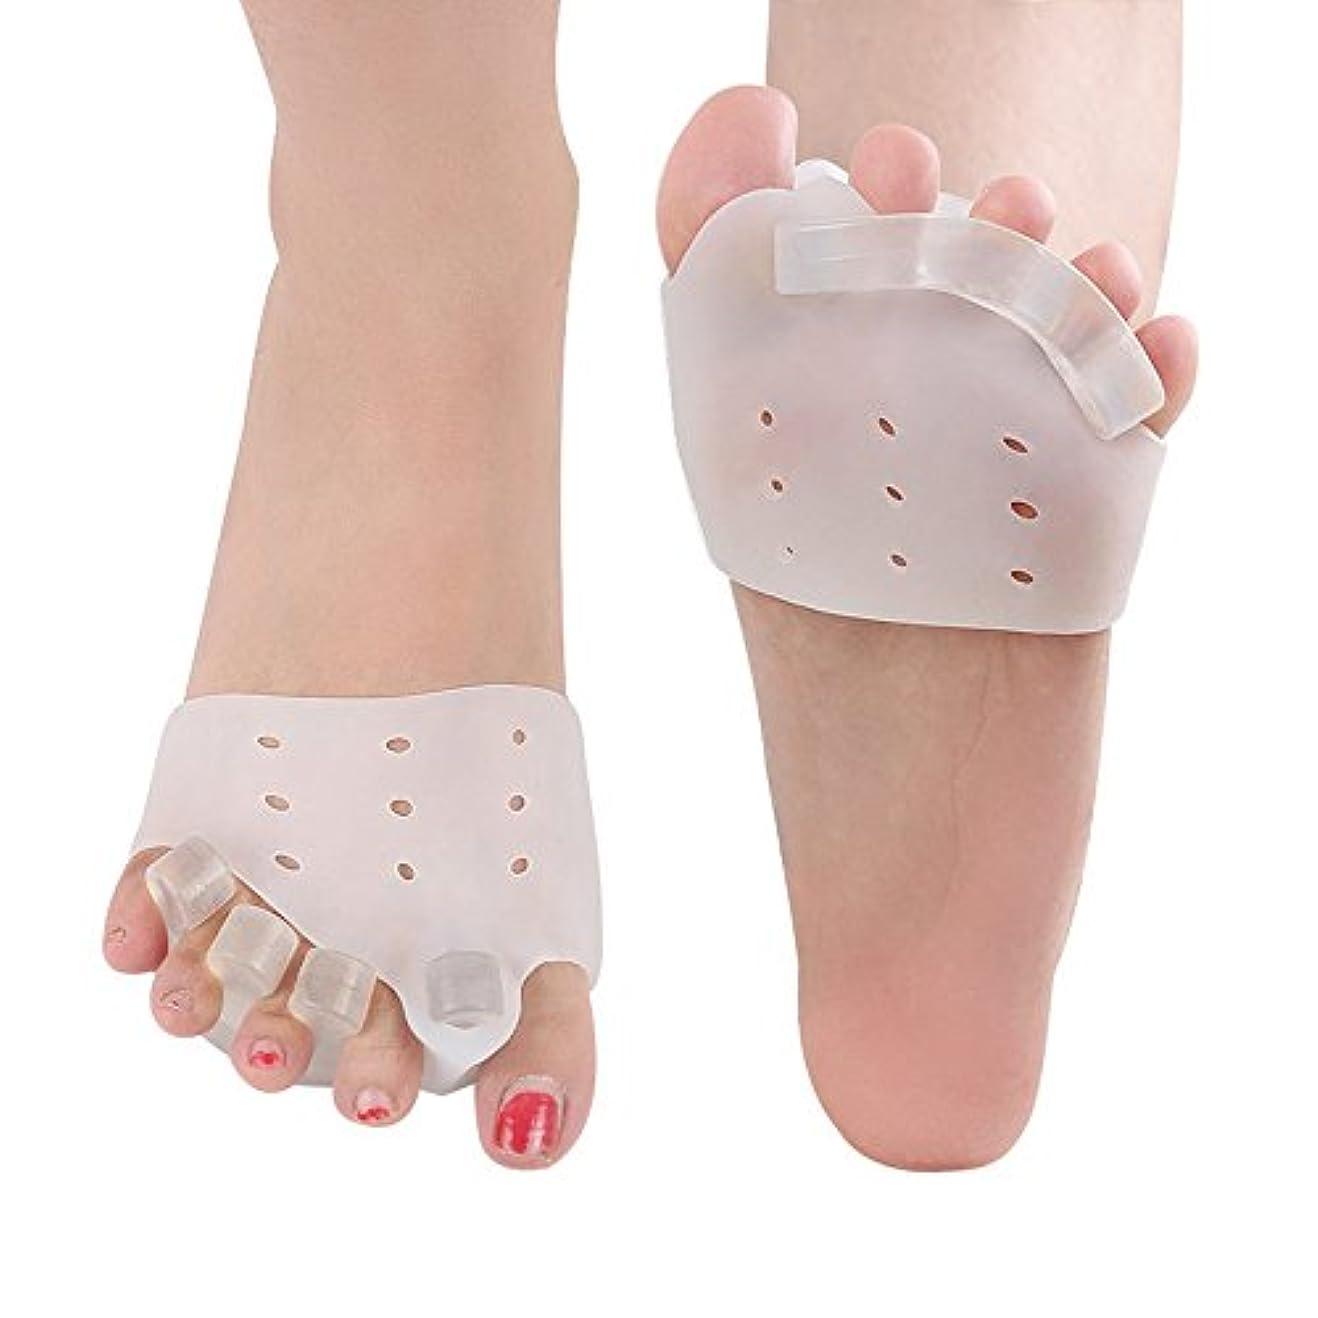 5ペア/セットバニオンプロテクターつま先矯正シリコーンつま先セパレータ親指足ケア足の痛み外反母趾ツール